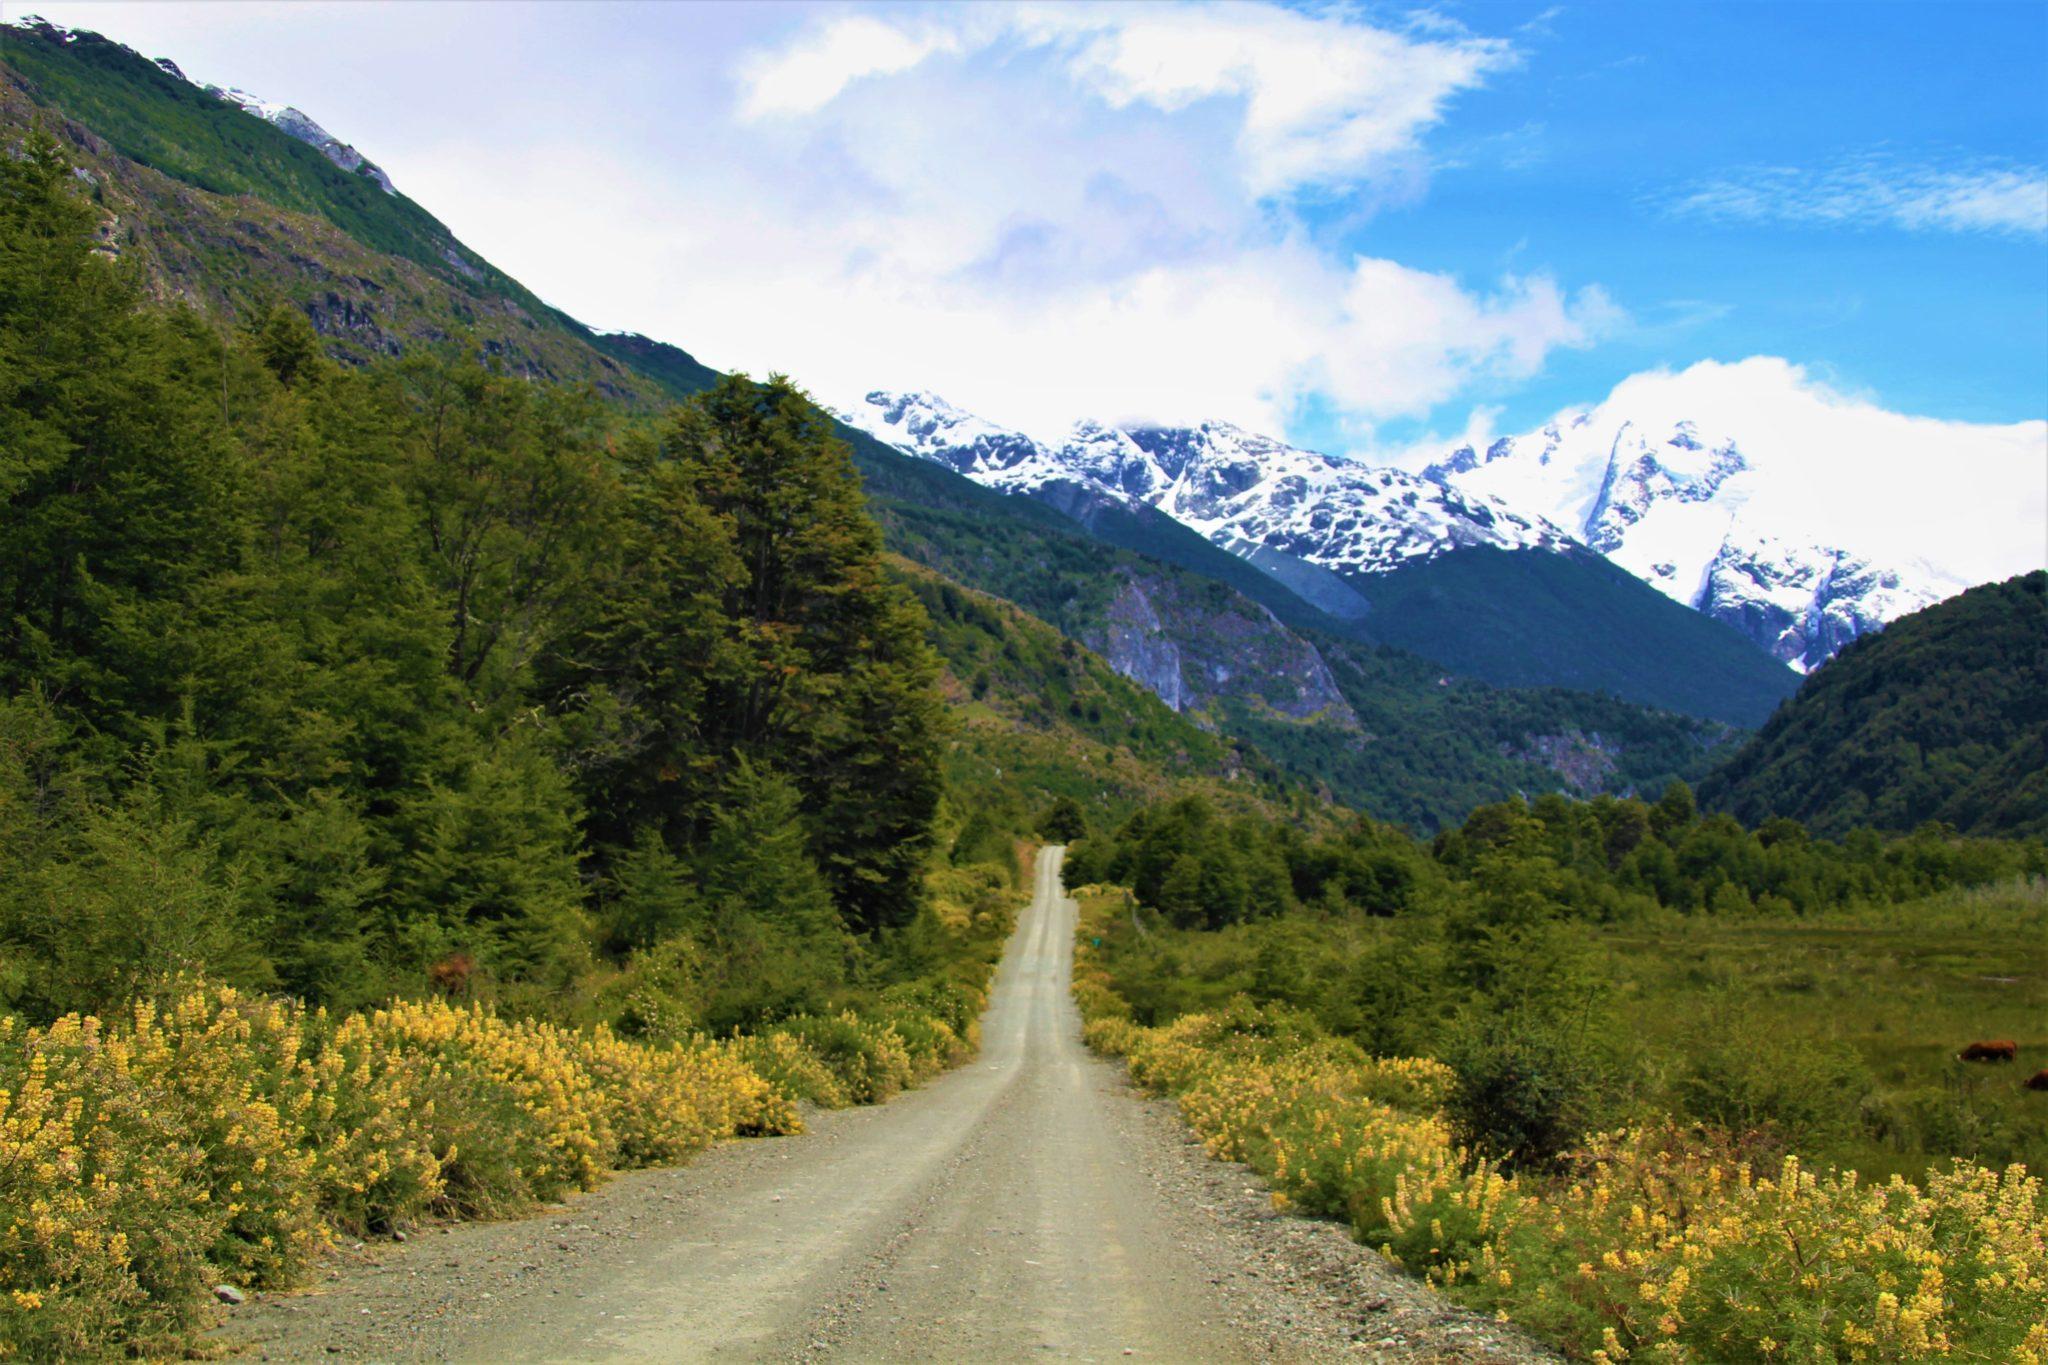 Carretera Austral vallee exploradores patagonia chile